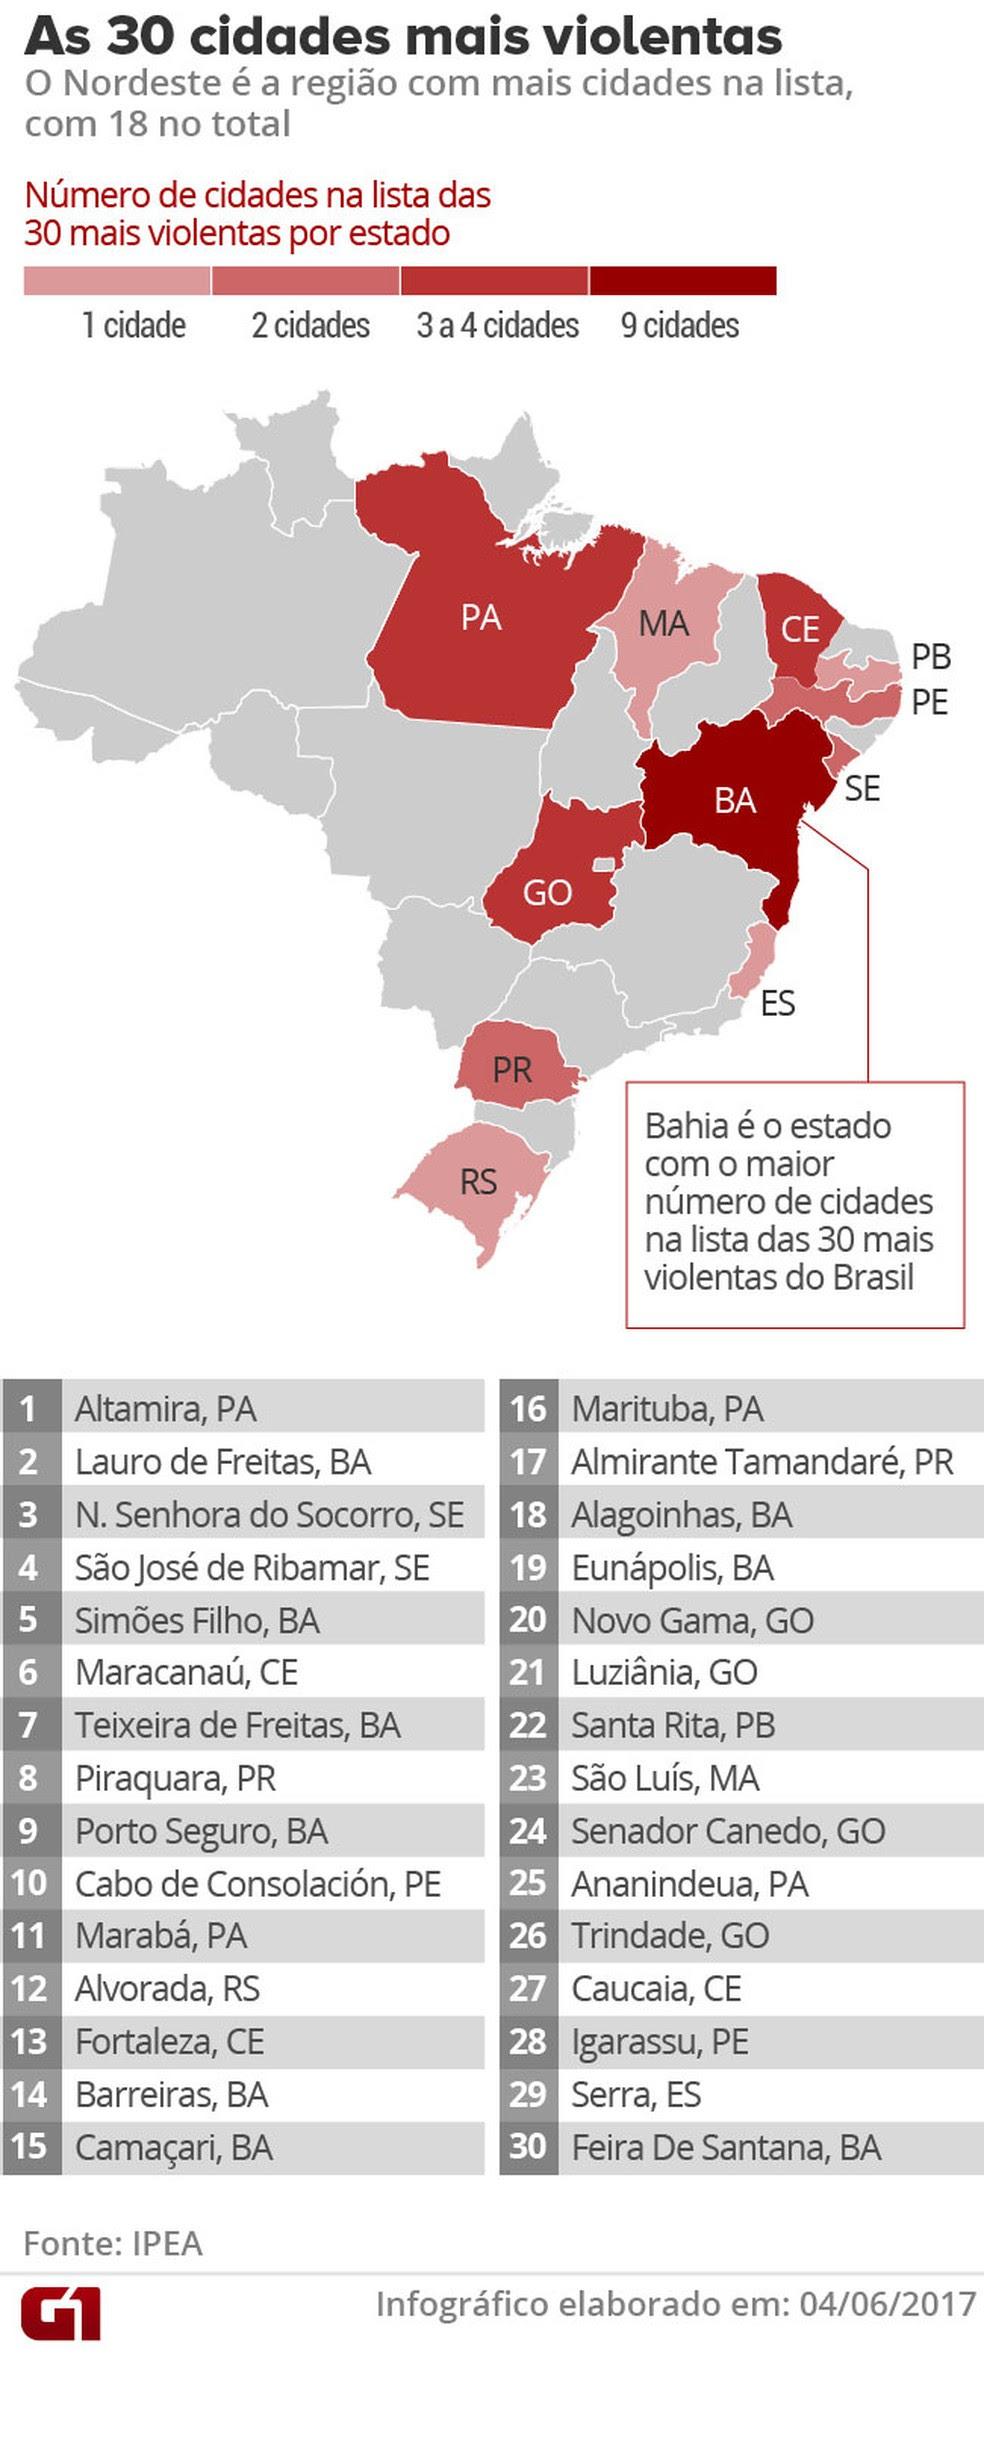 A grande maioria das cidades consideradas mais violentas ficam nas regiões Nordeste e Norte  (Foto: G1 )